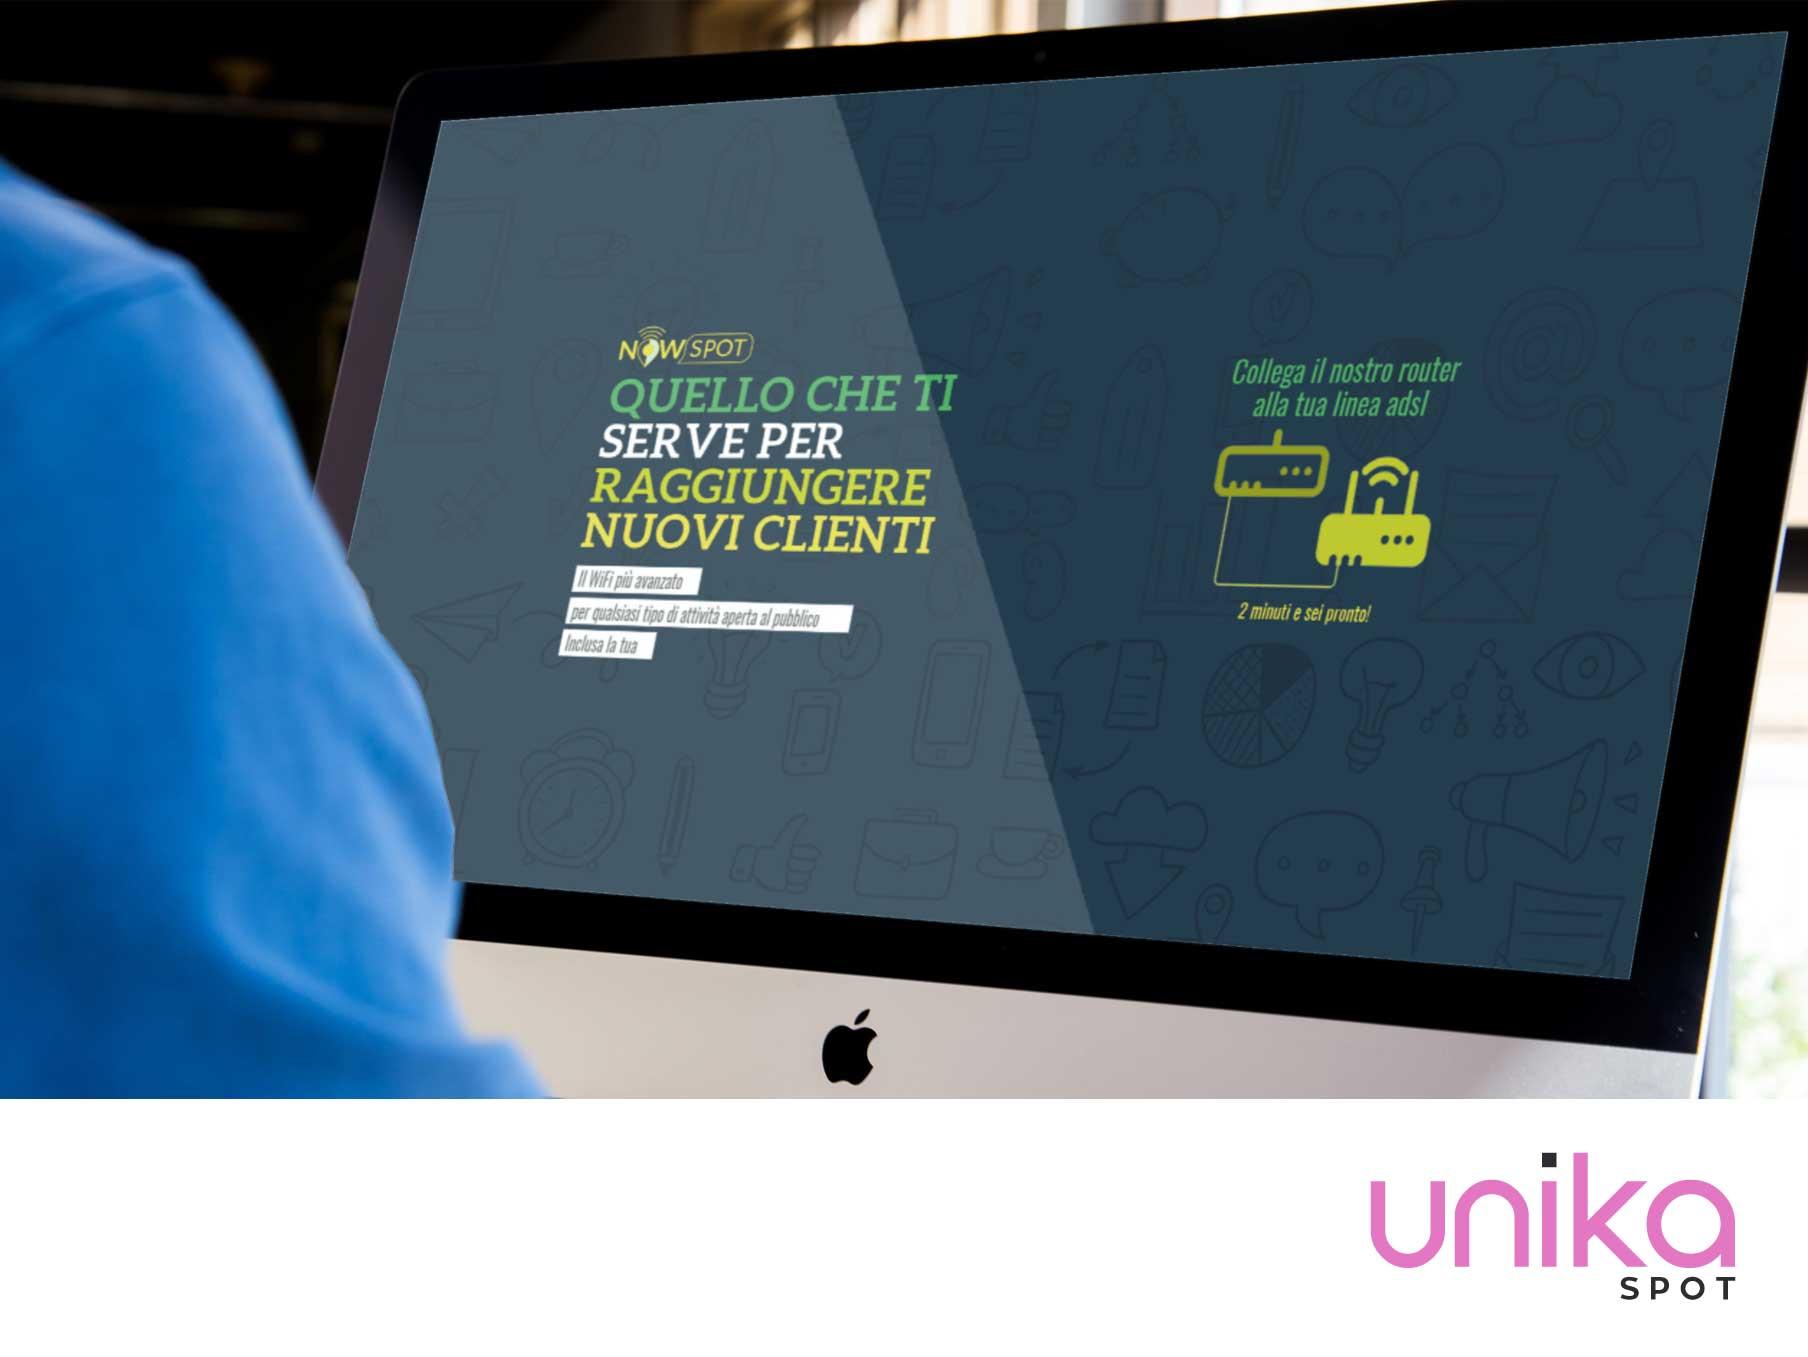 NowSpot il Social WiFi by Unika